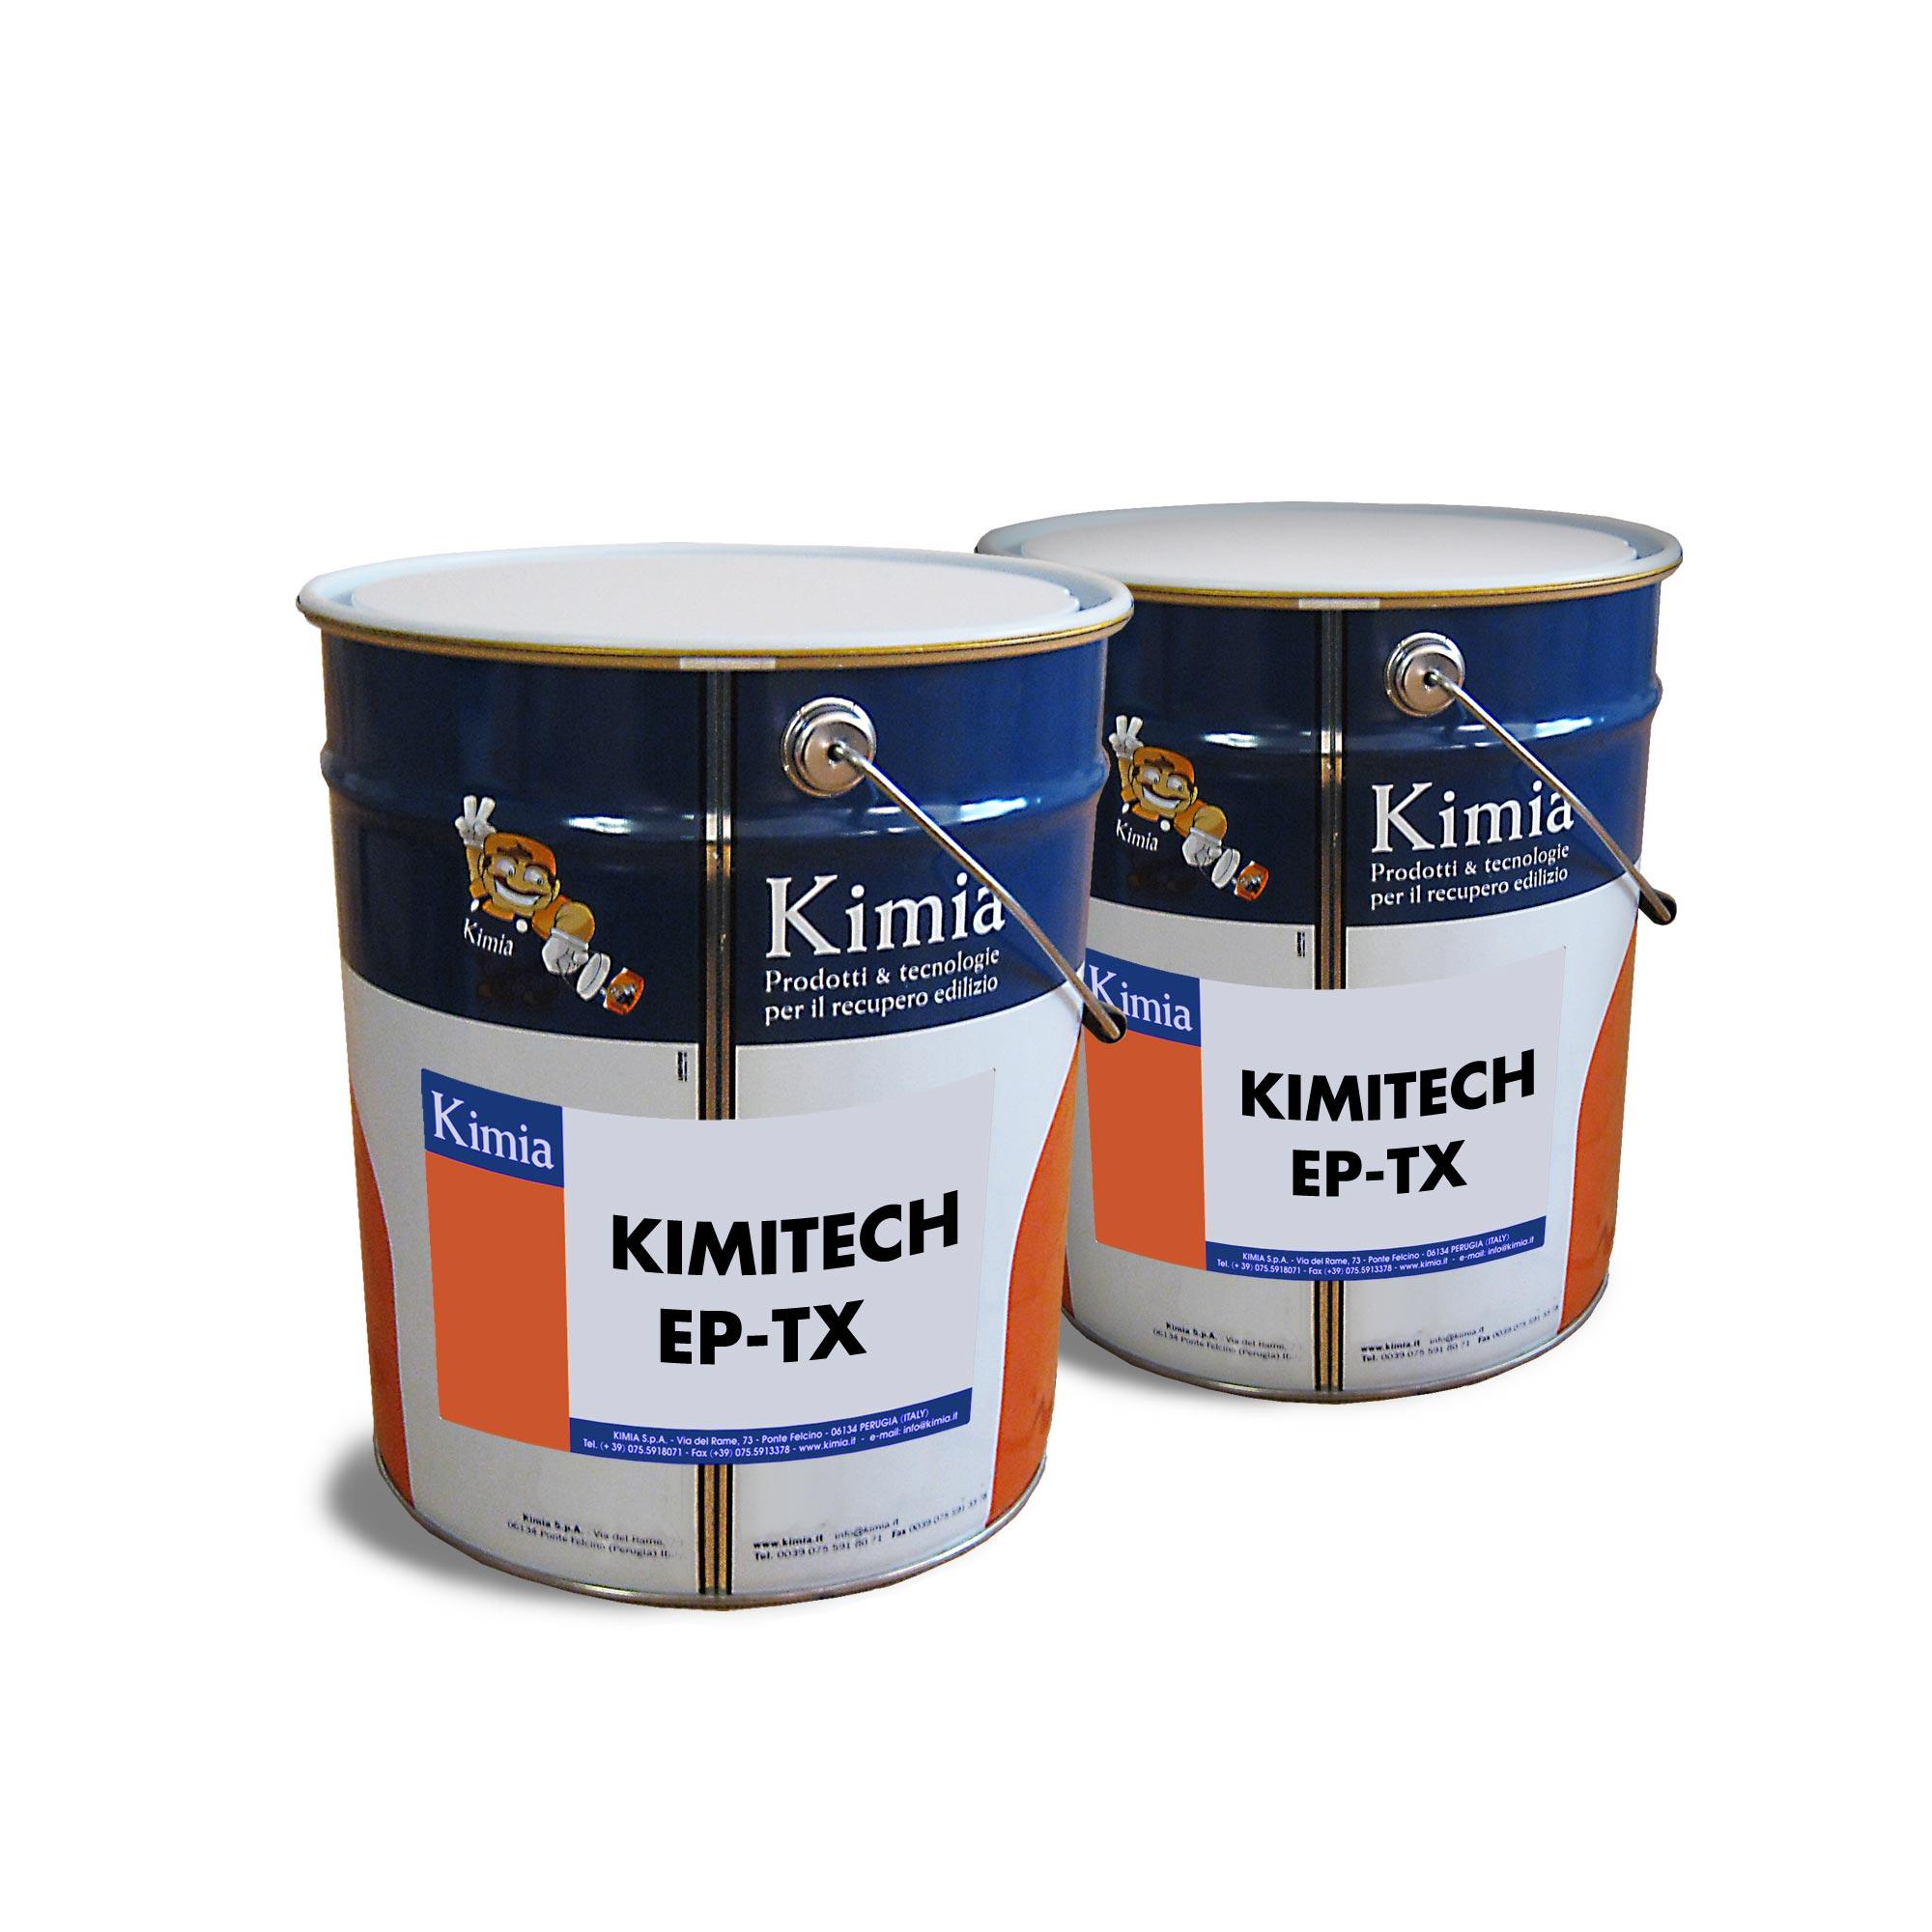 Kimitech EP-TX